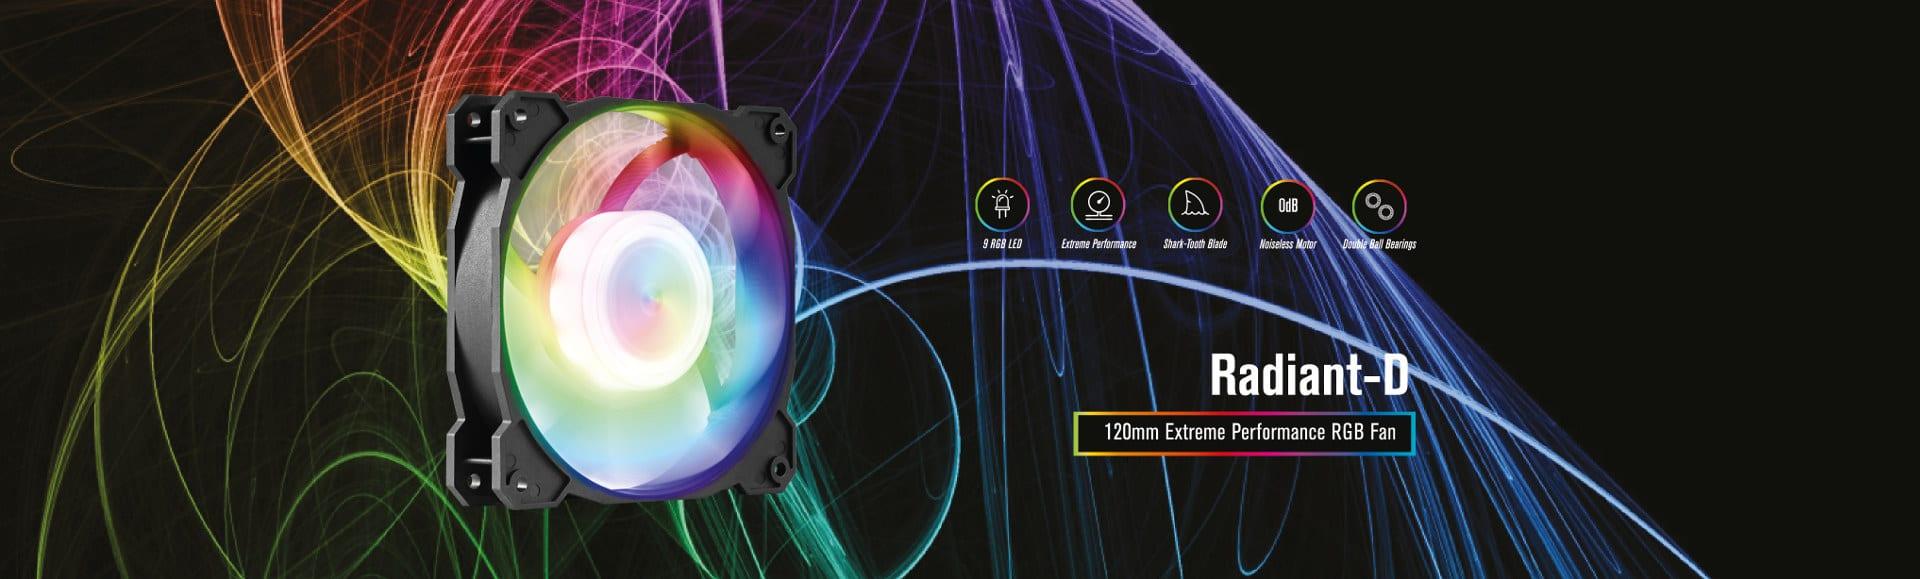 Radiant-D Slider